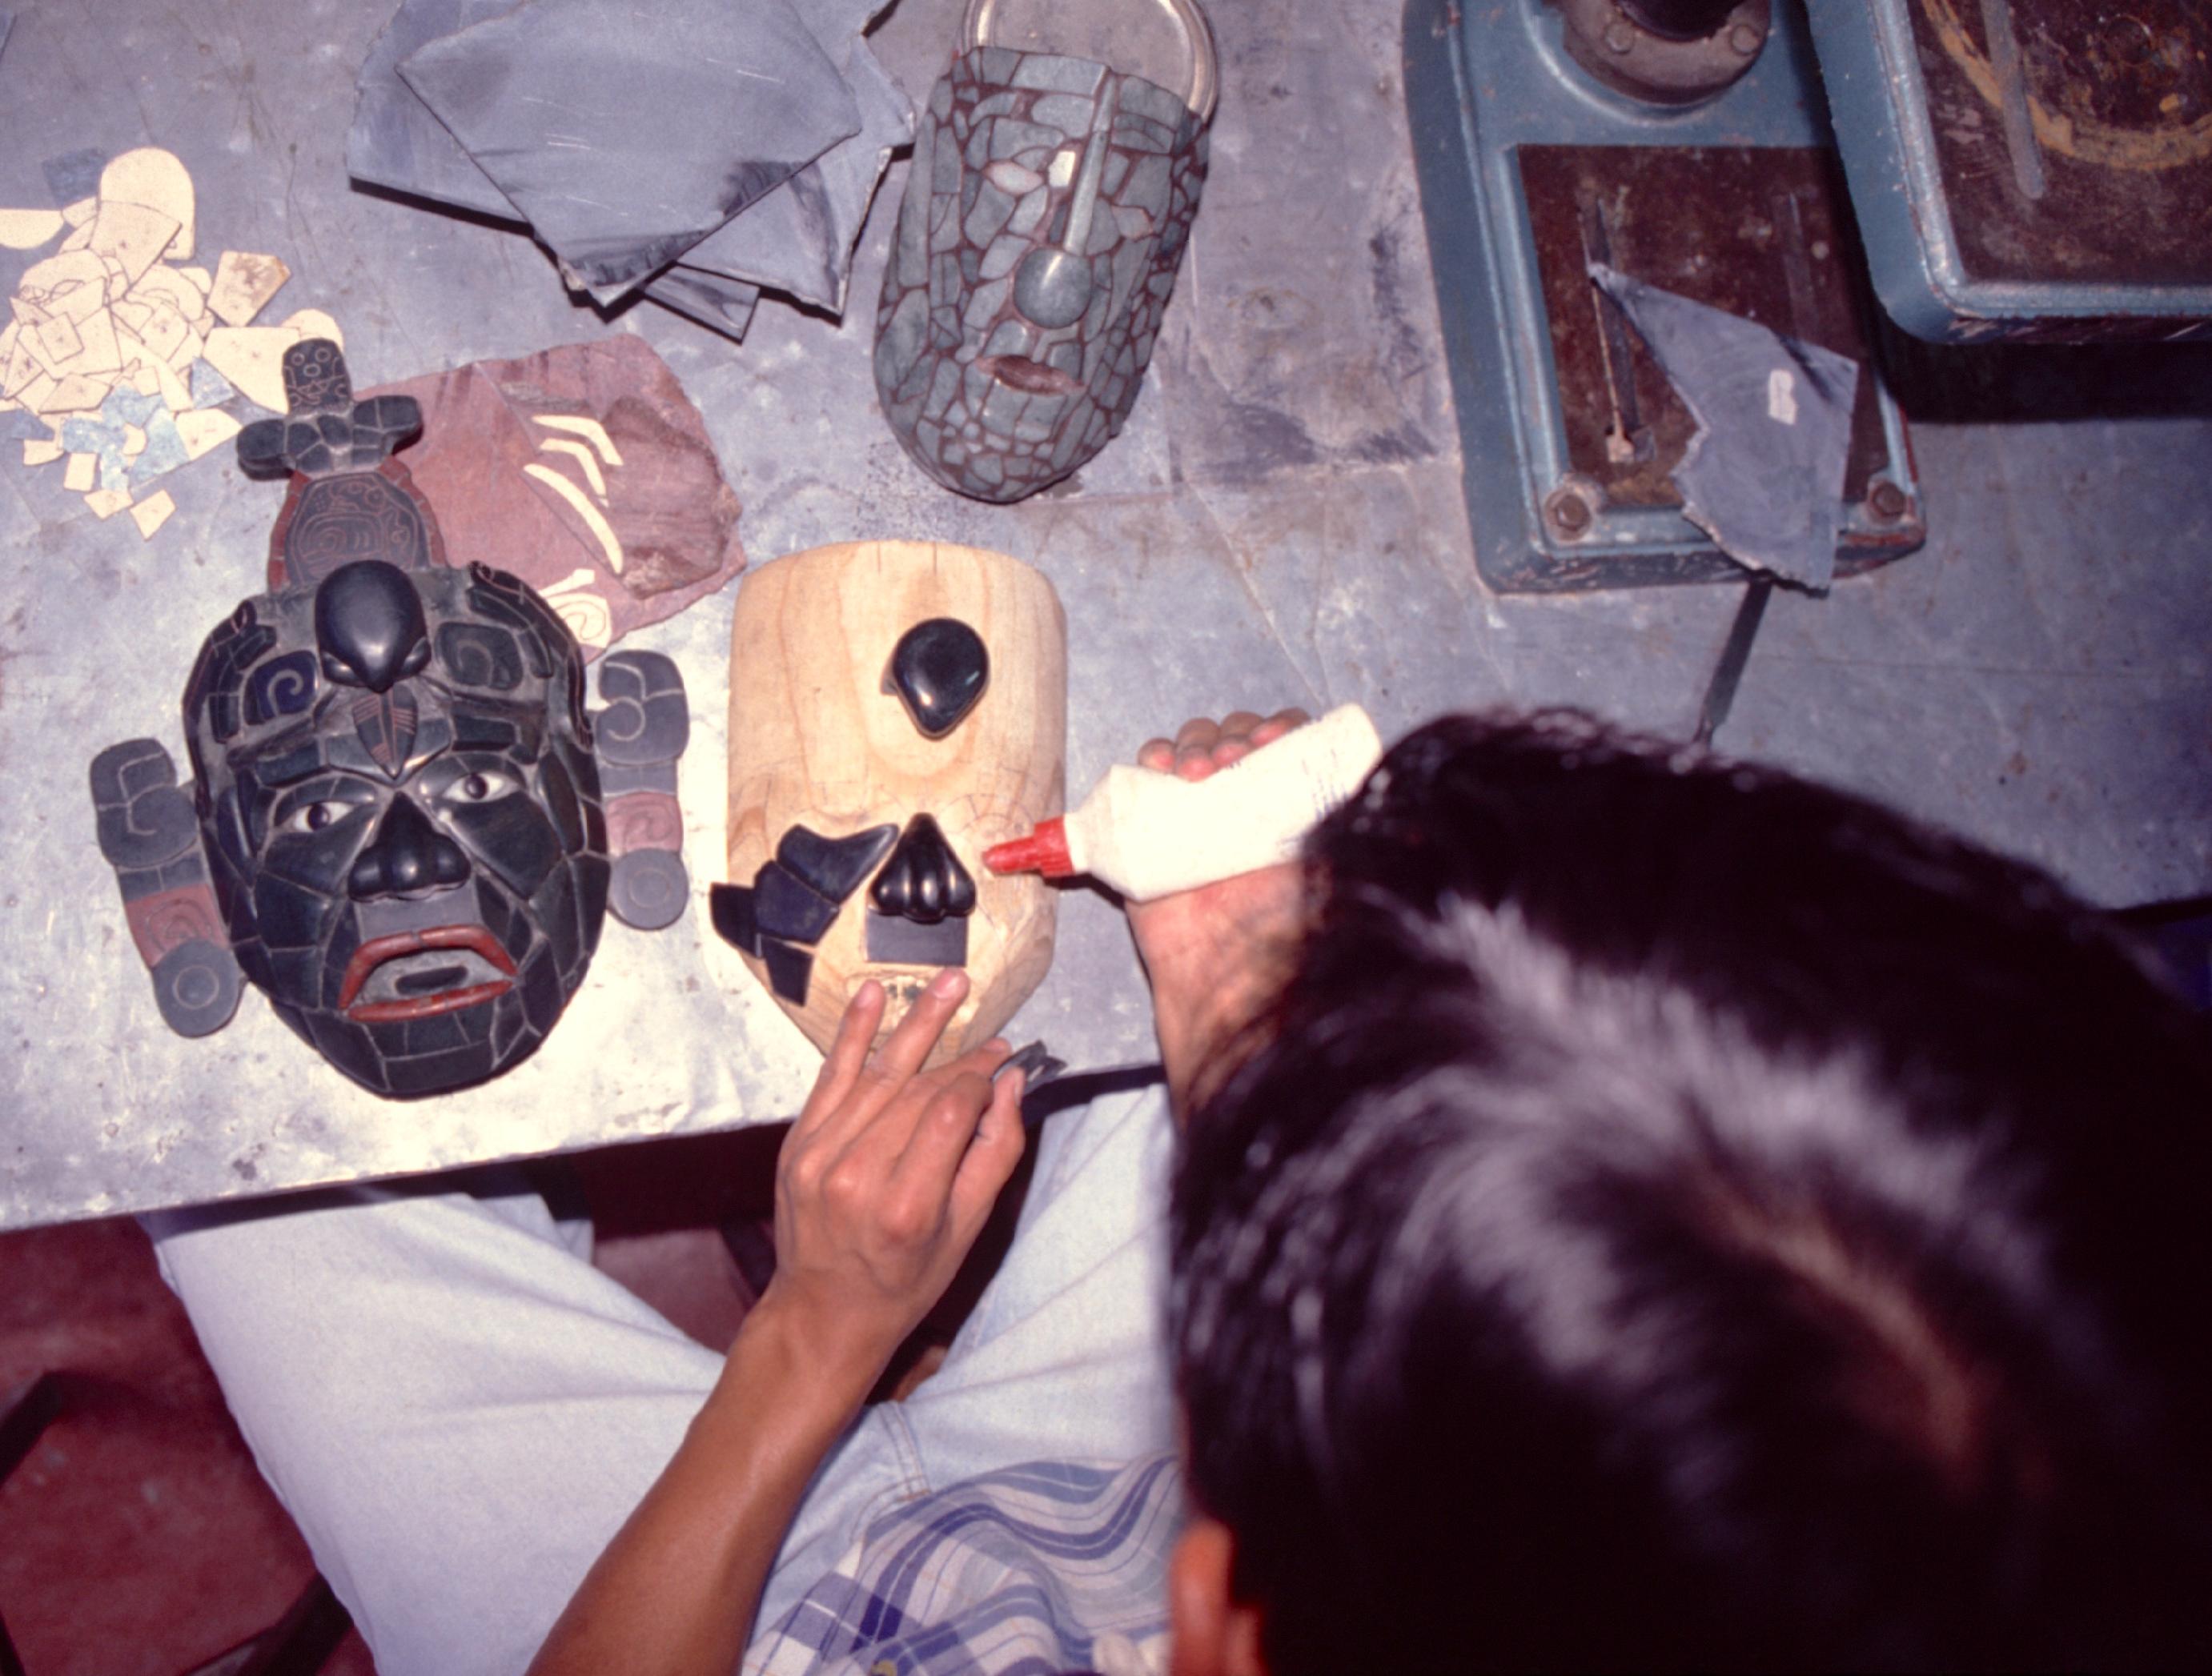 L'atelier d'un graveur ; les masques sont réalisés par collage des pièces de jade sur une forme en bois qui sera ensuite enlevée.